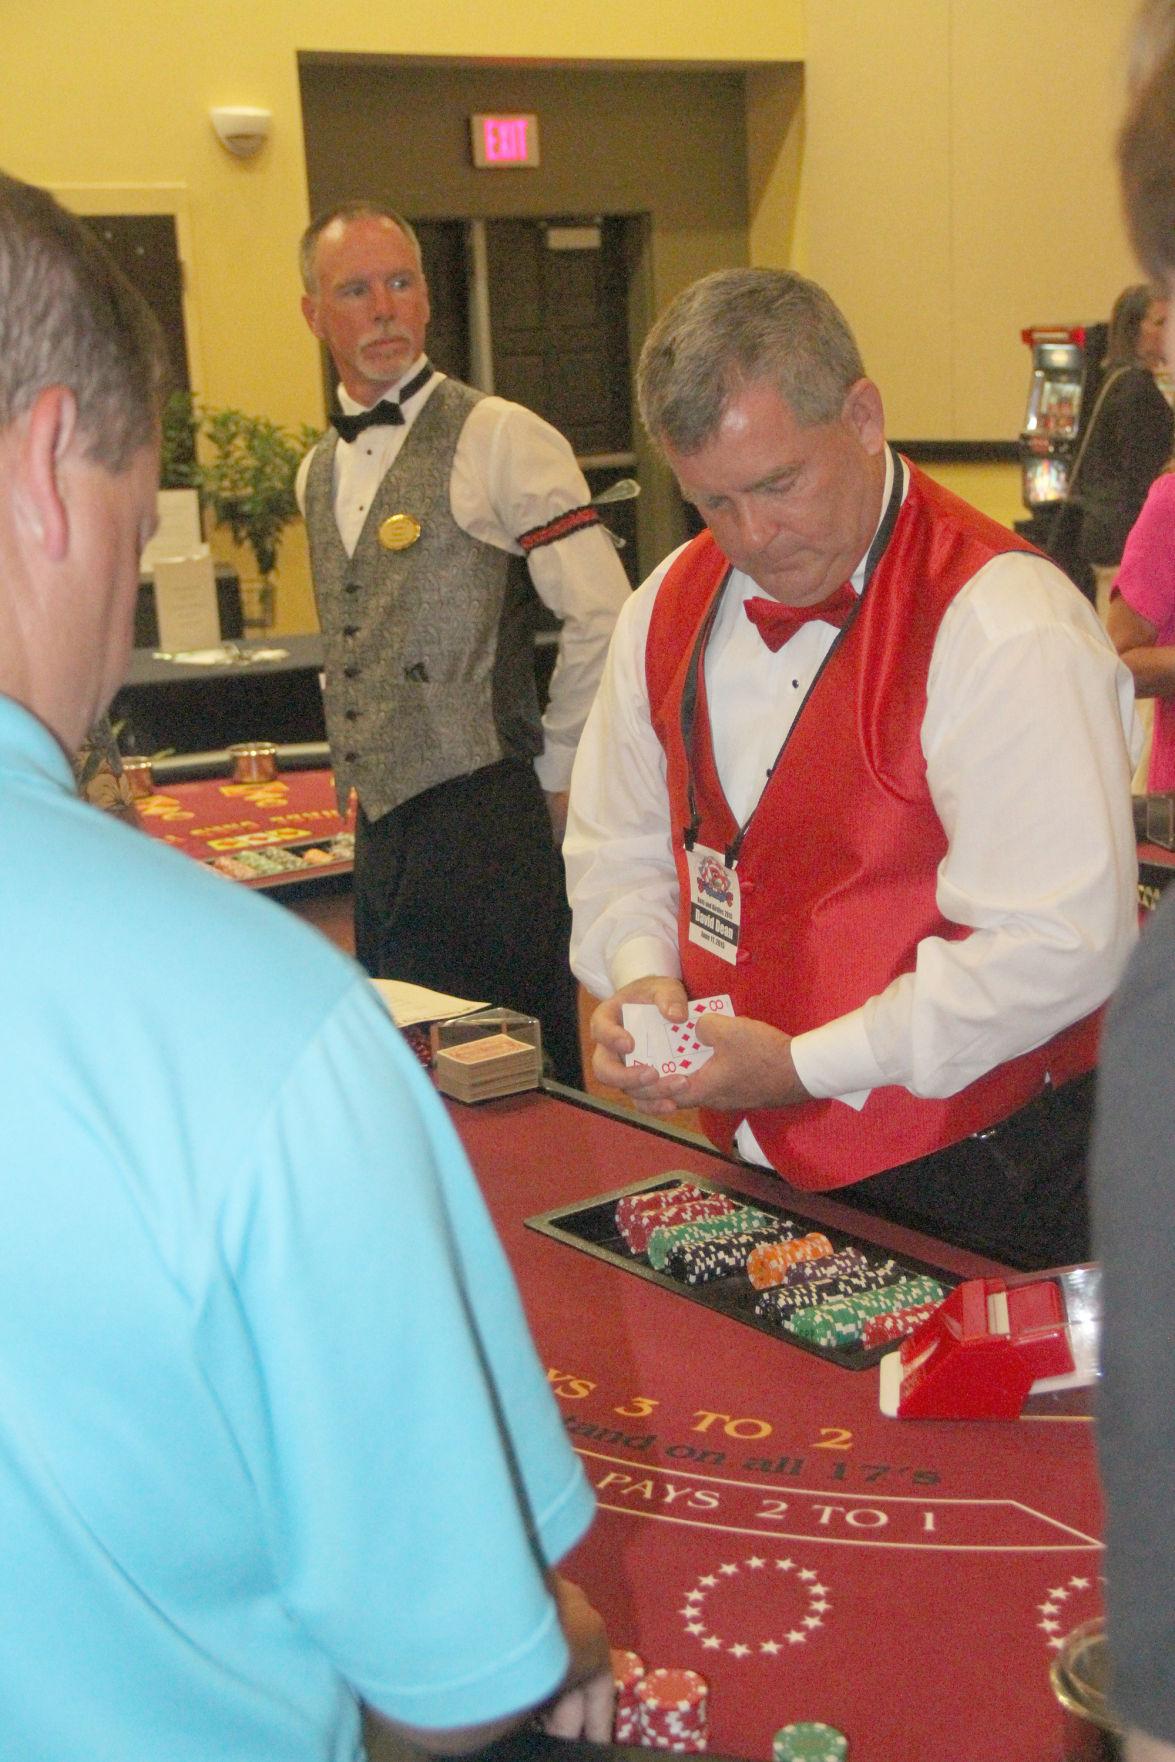 Matthew janda poker